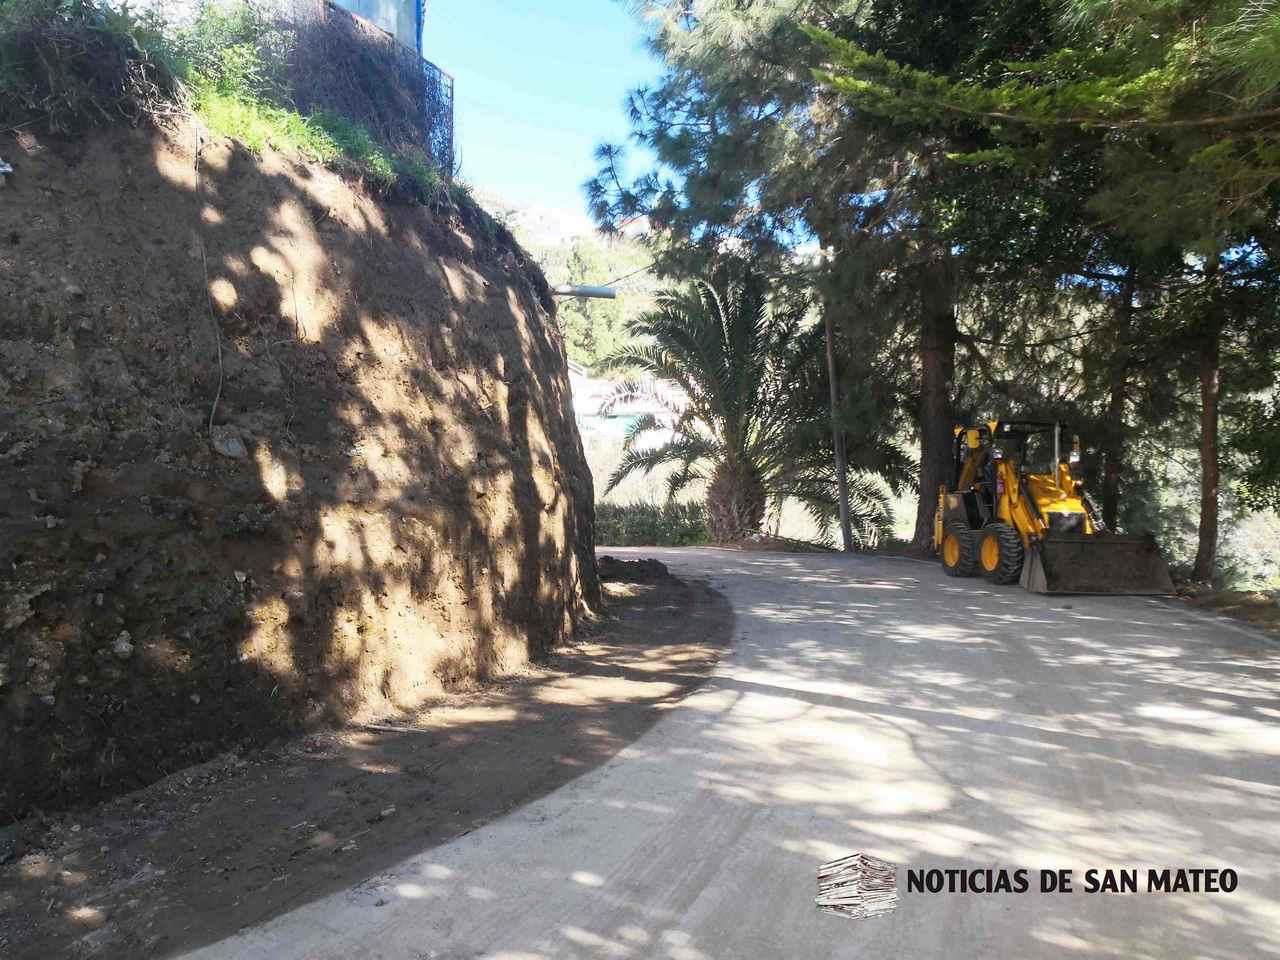 Obras en La Yedra San Mateo 5 diciembre 2018 Noticias de San Mateo